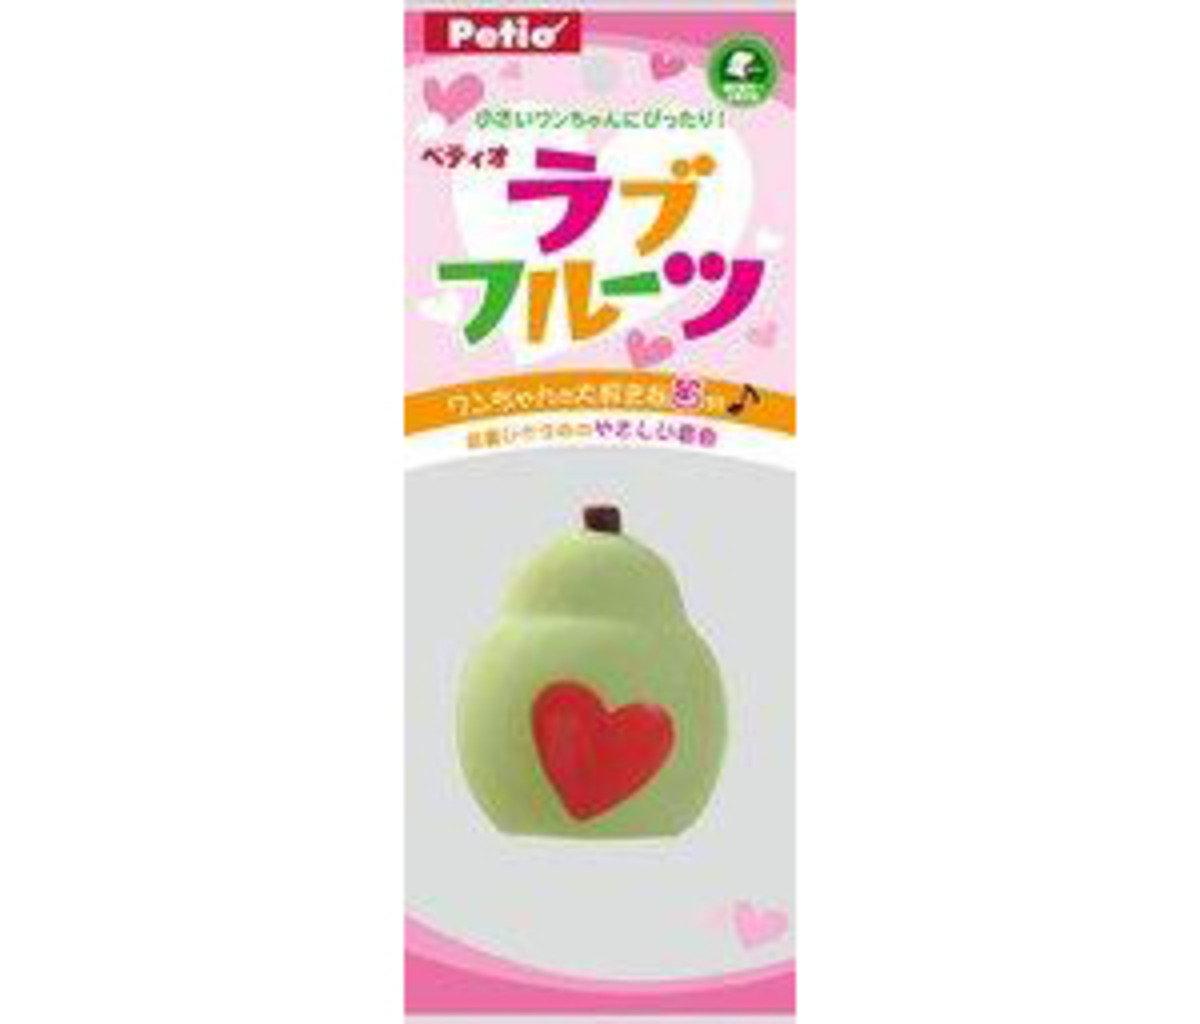 PO23589 日本 PETIO 發聲玩具 - 西洋梨